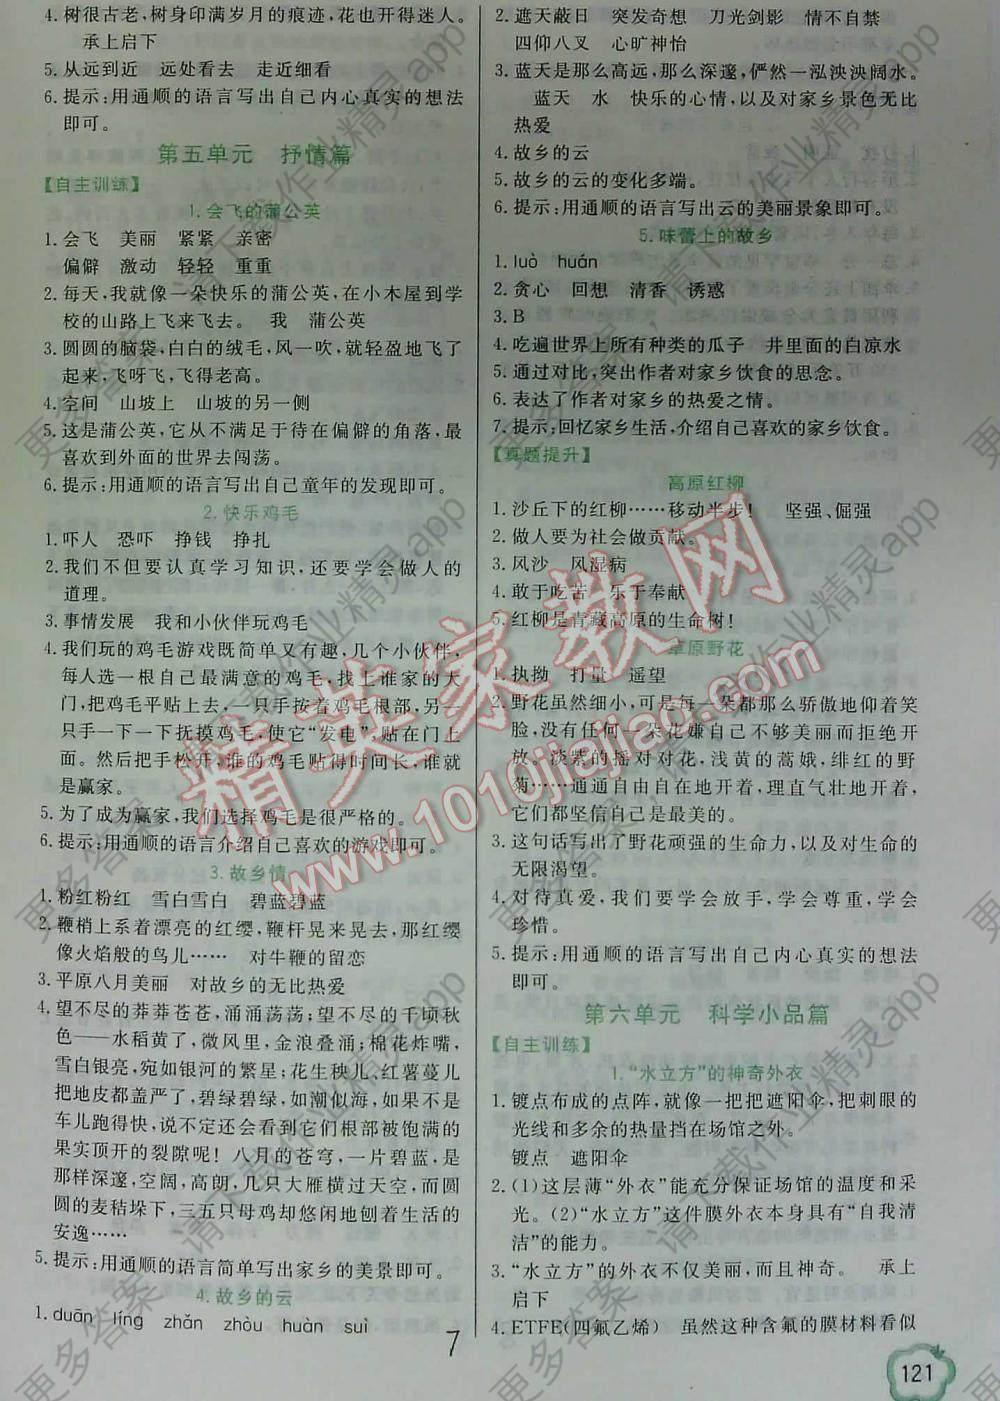 小学语文课本封面